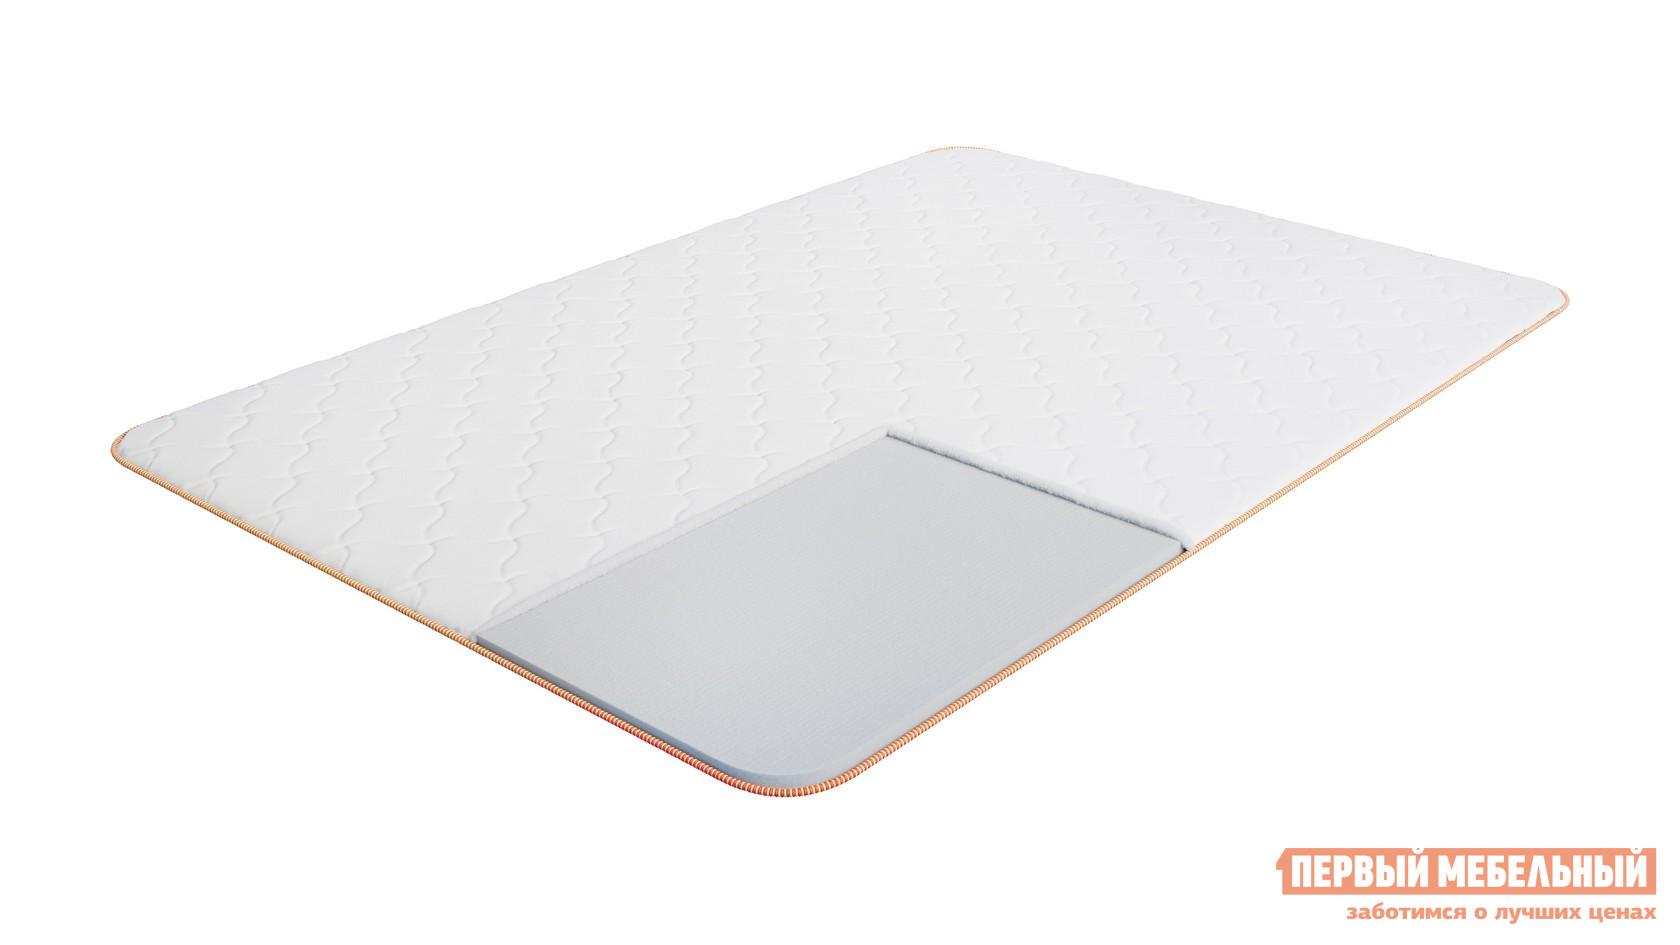 Топпер  Винсен 1 Белый, 180х200 см